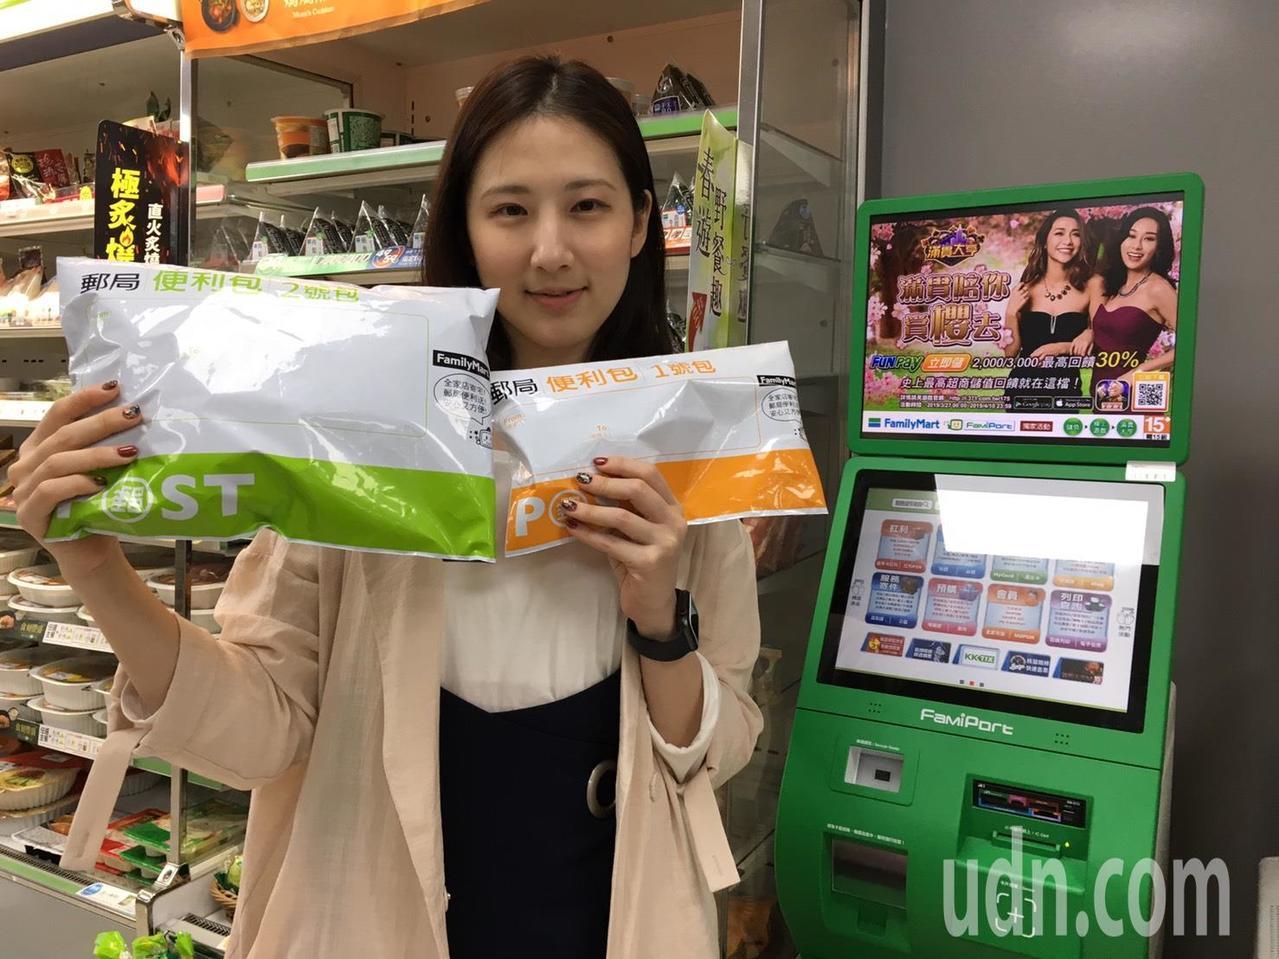 中華郵政與全家便利商店合作,民眾今起可到全家交寄「郵局便利包」。記者吳姿賢/攝影